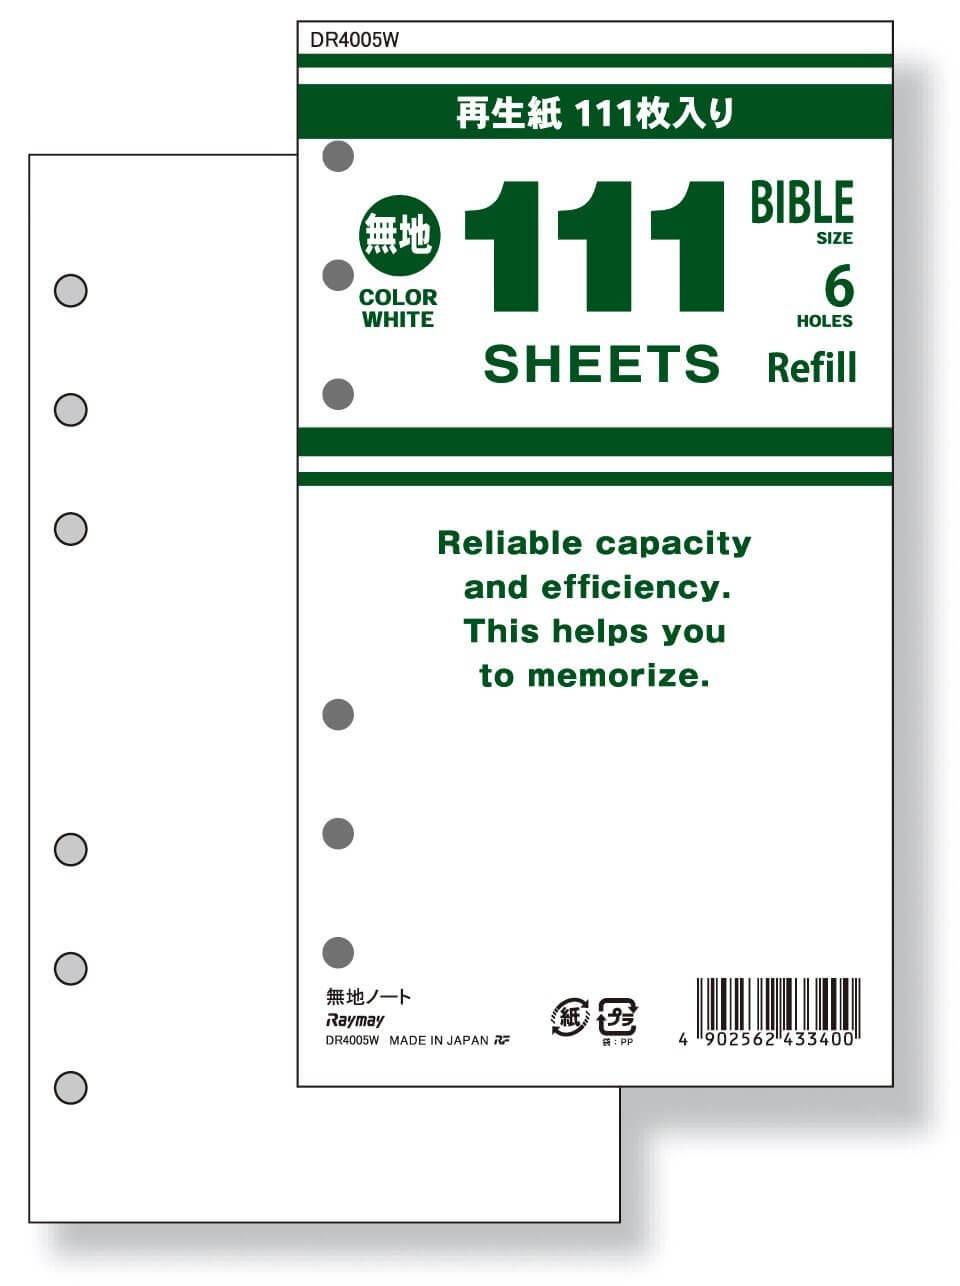 リフィル 聖書サイズ